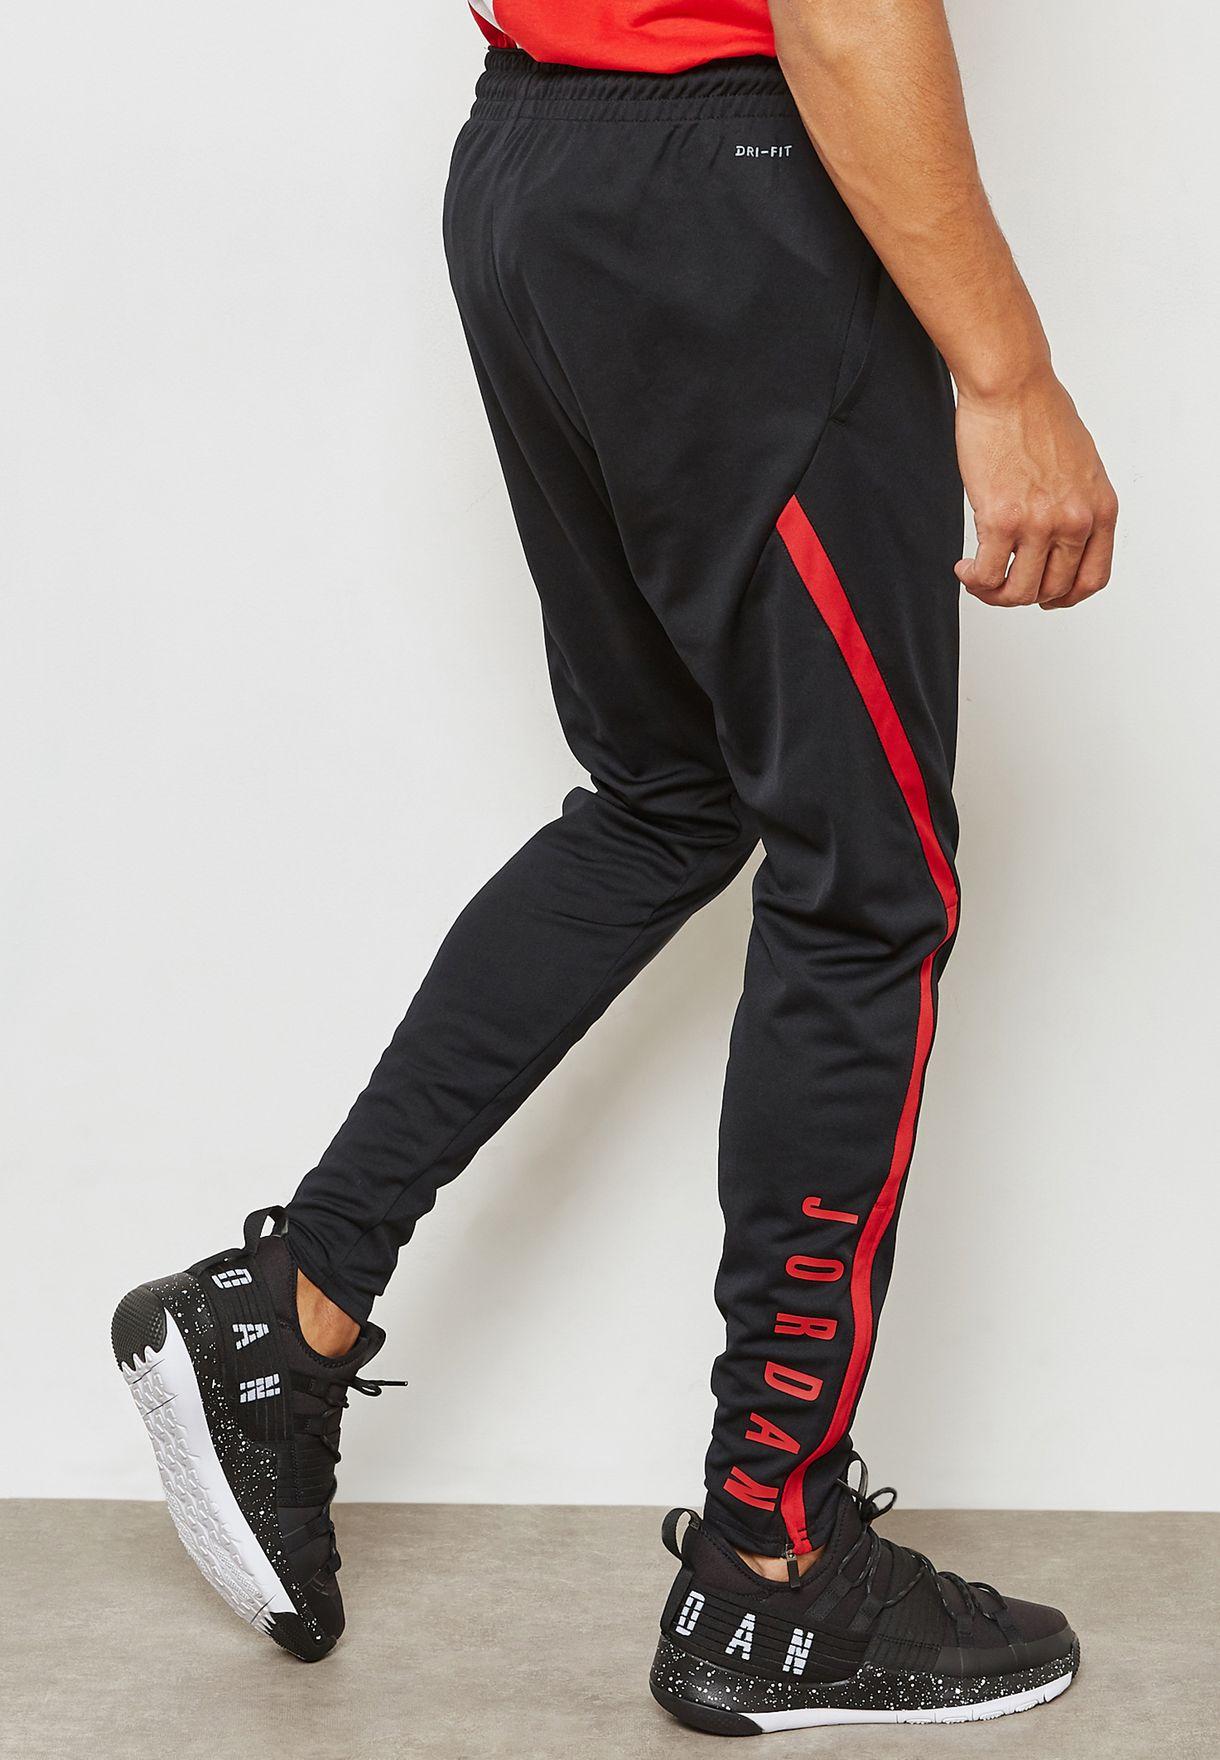 4041082ba33a Shop Nike black Jordan Dri-FIT 23 Alpha Sweatpants 889711-011 for ...